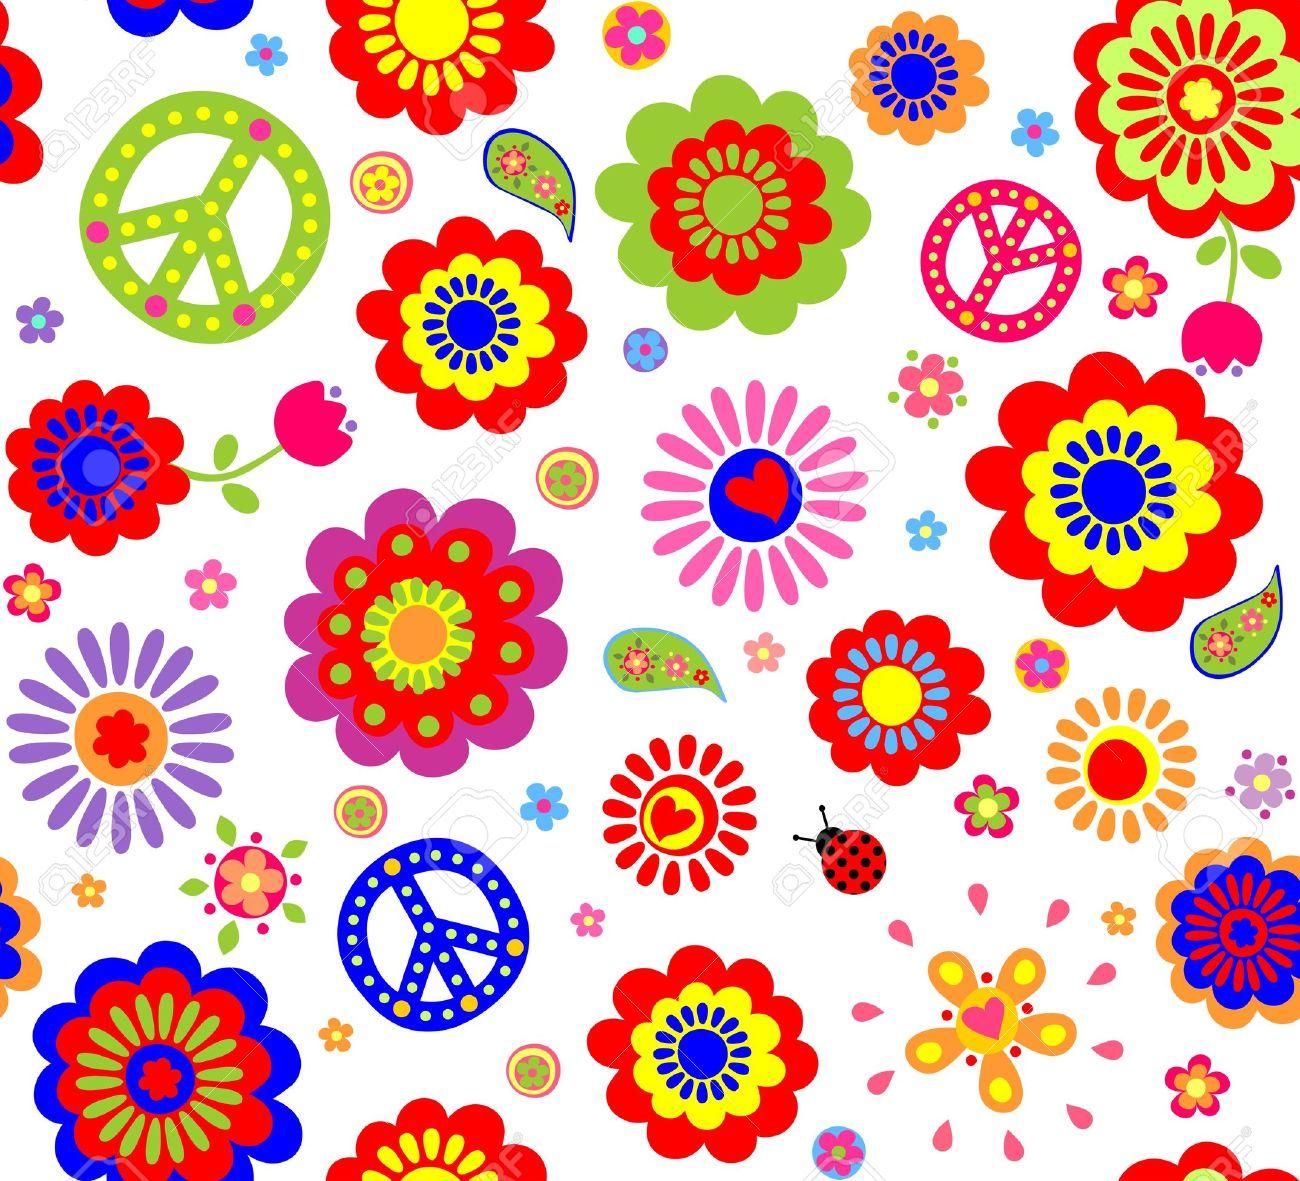 Fond D Ecran Hippie Avec Des Fleurs Abstraites Clip Art Libres De